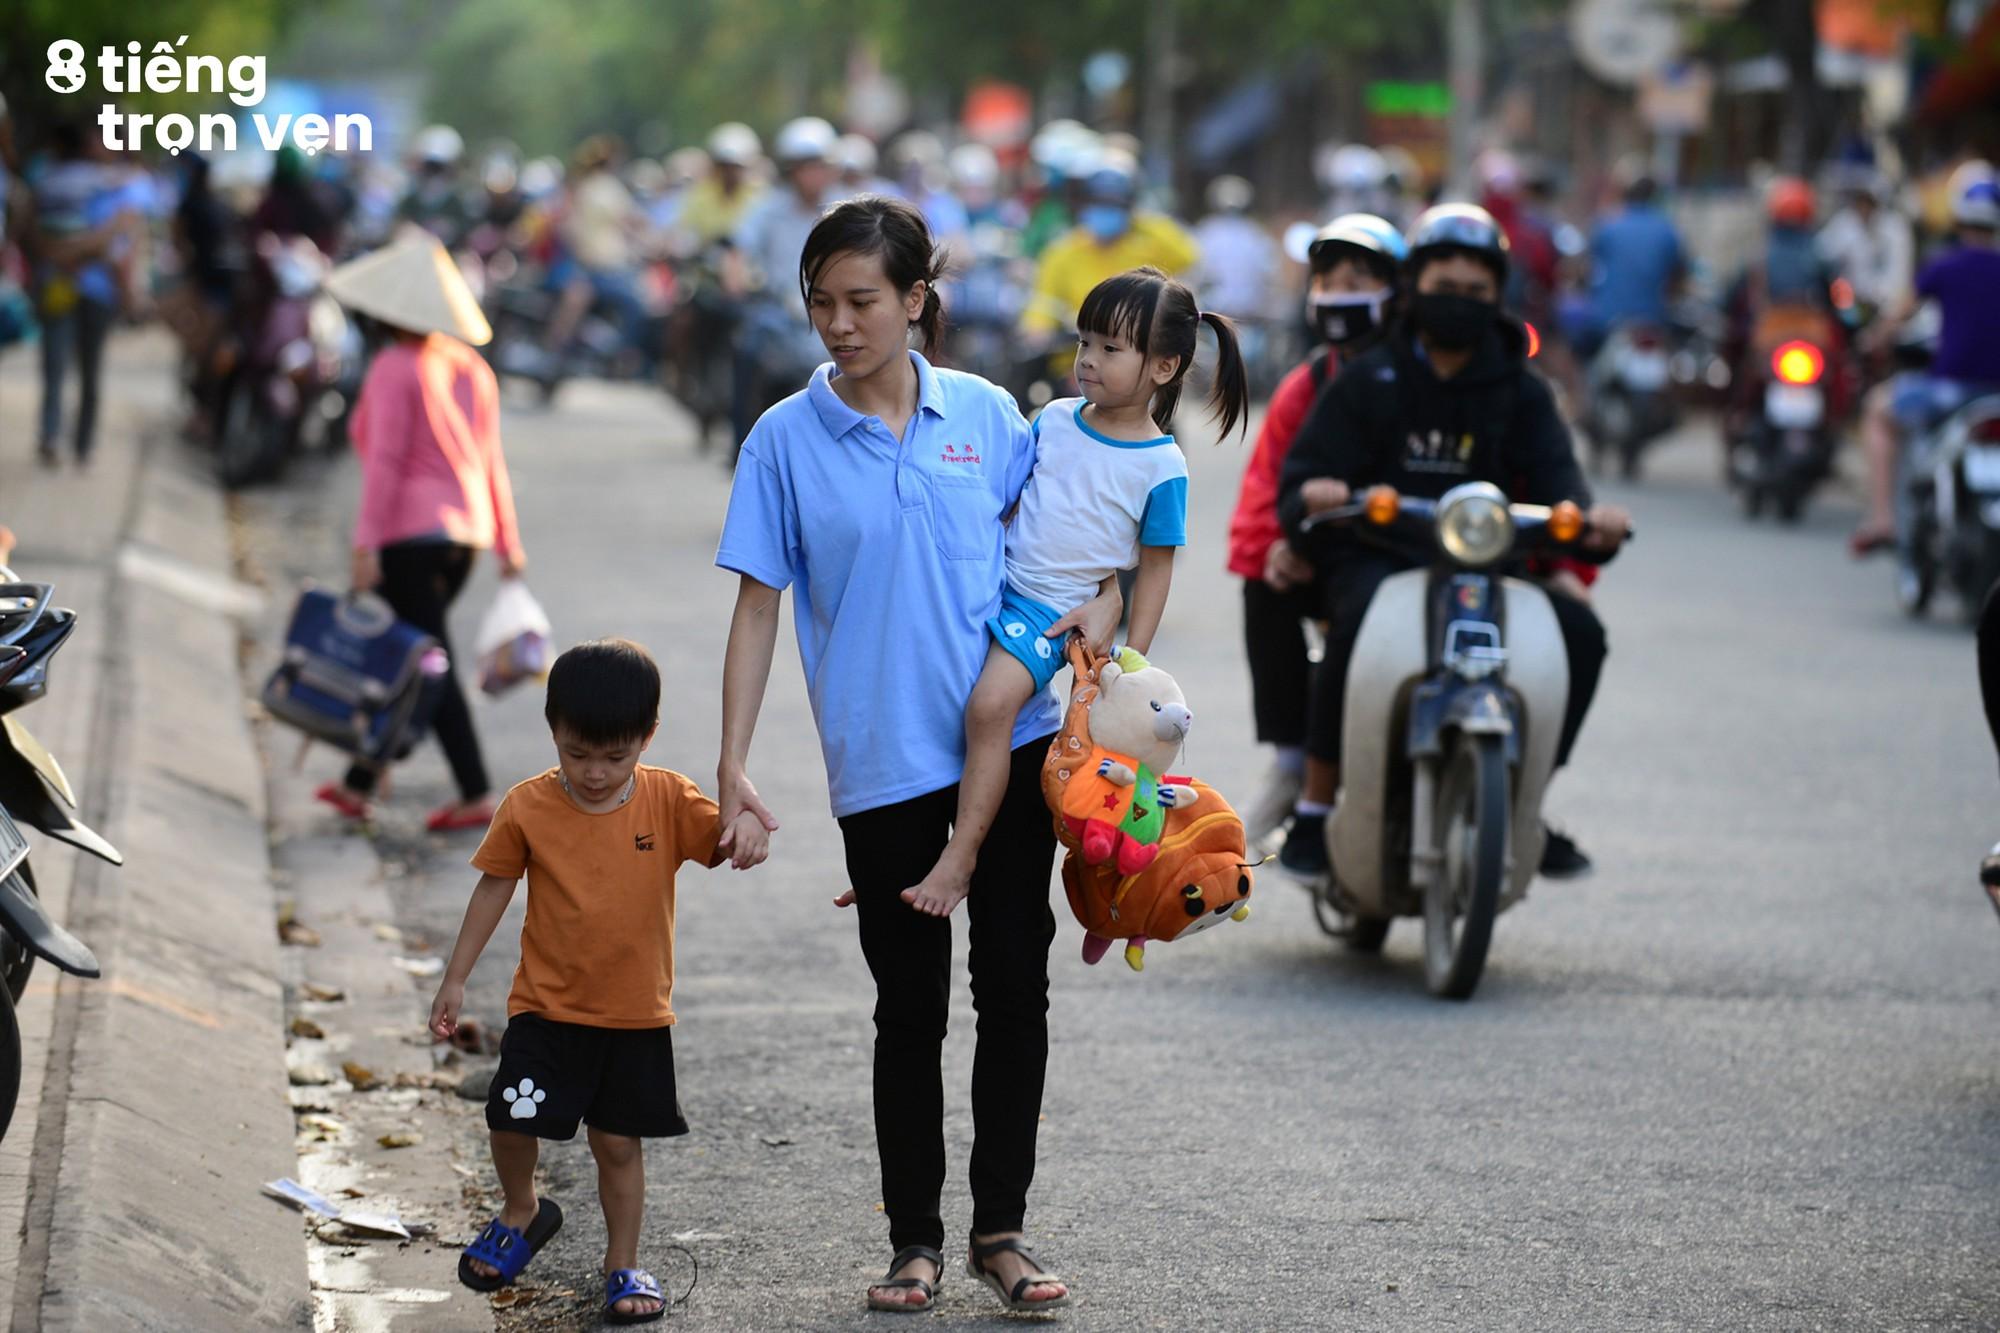 8 tiếng trọn vẹn - Bộ ảnh đầy cảm xúc về cuộc sống mưu sinh hối hả của những công nhân Sài Gòn sau giờ tan ca - Ảnh 8.